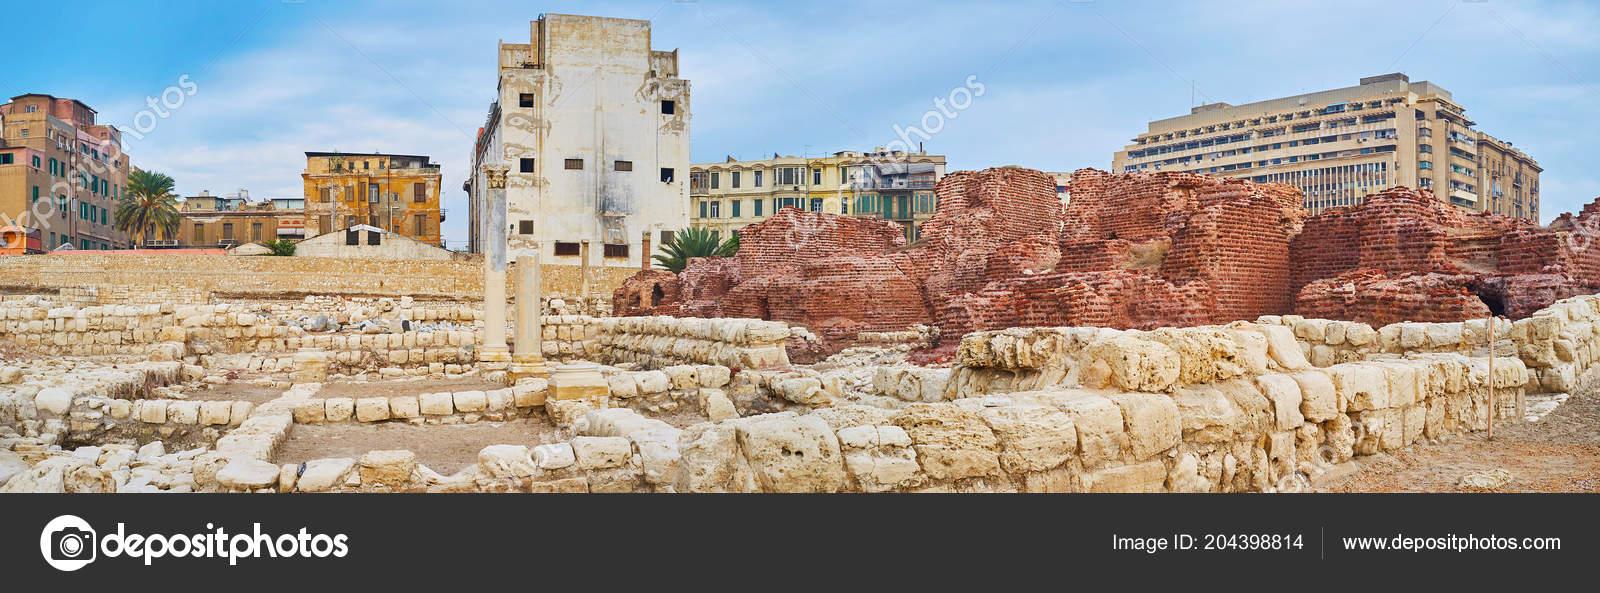 Banos De Epoca.Panorama Zona Arqueologica Epoca Romana Llamado Kom Dikka